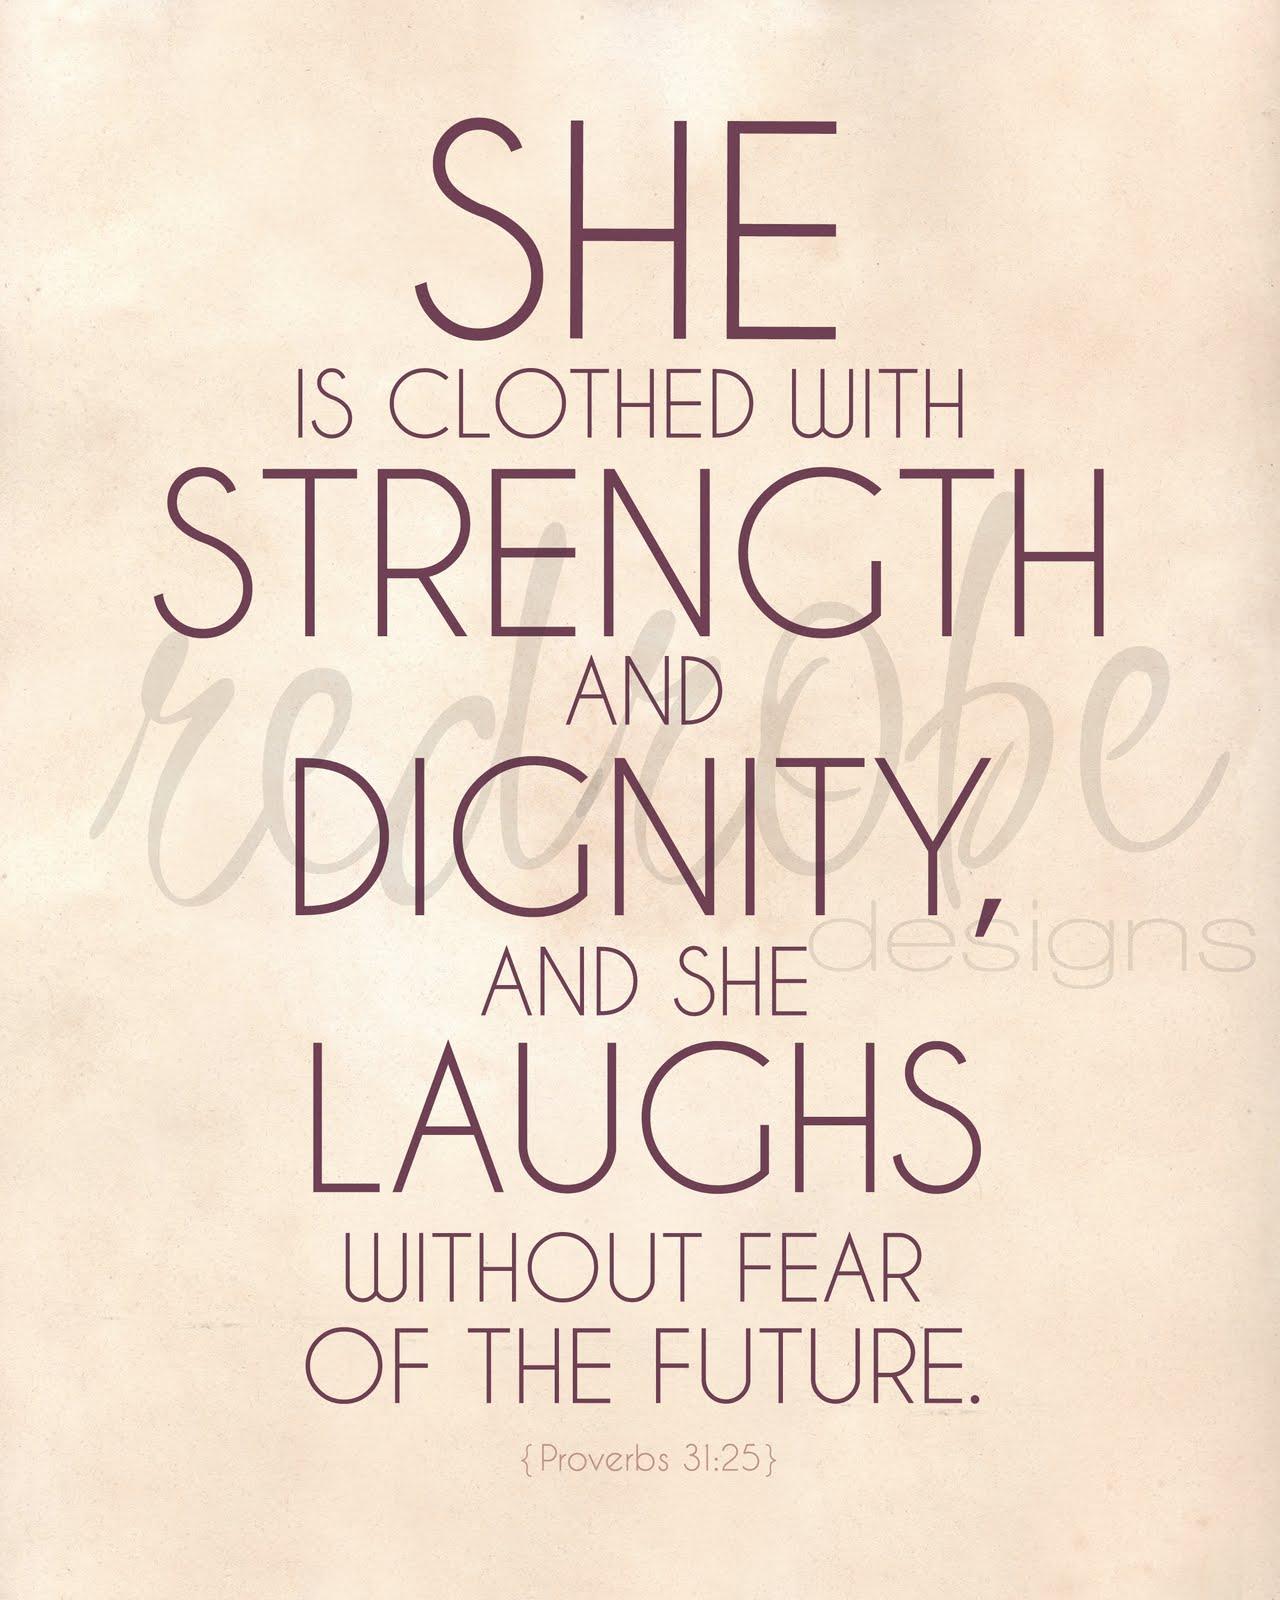 spreuken over kleding Start de dag met een lach! spreuken over kleding